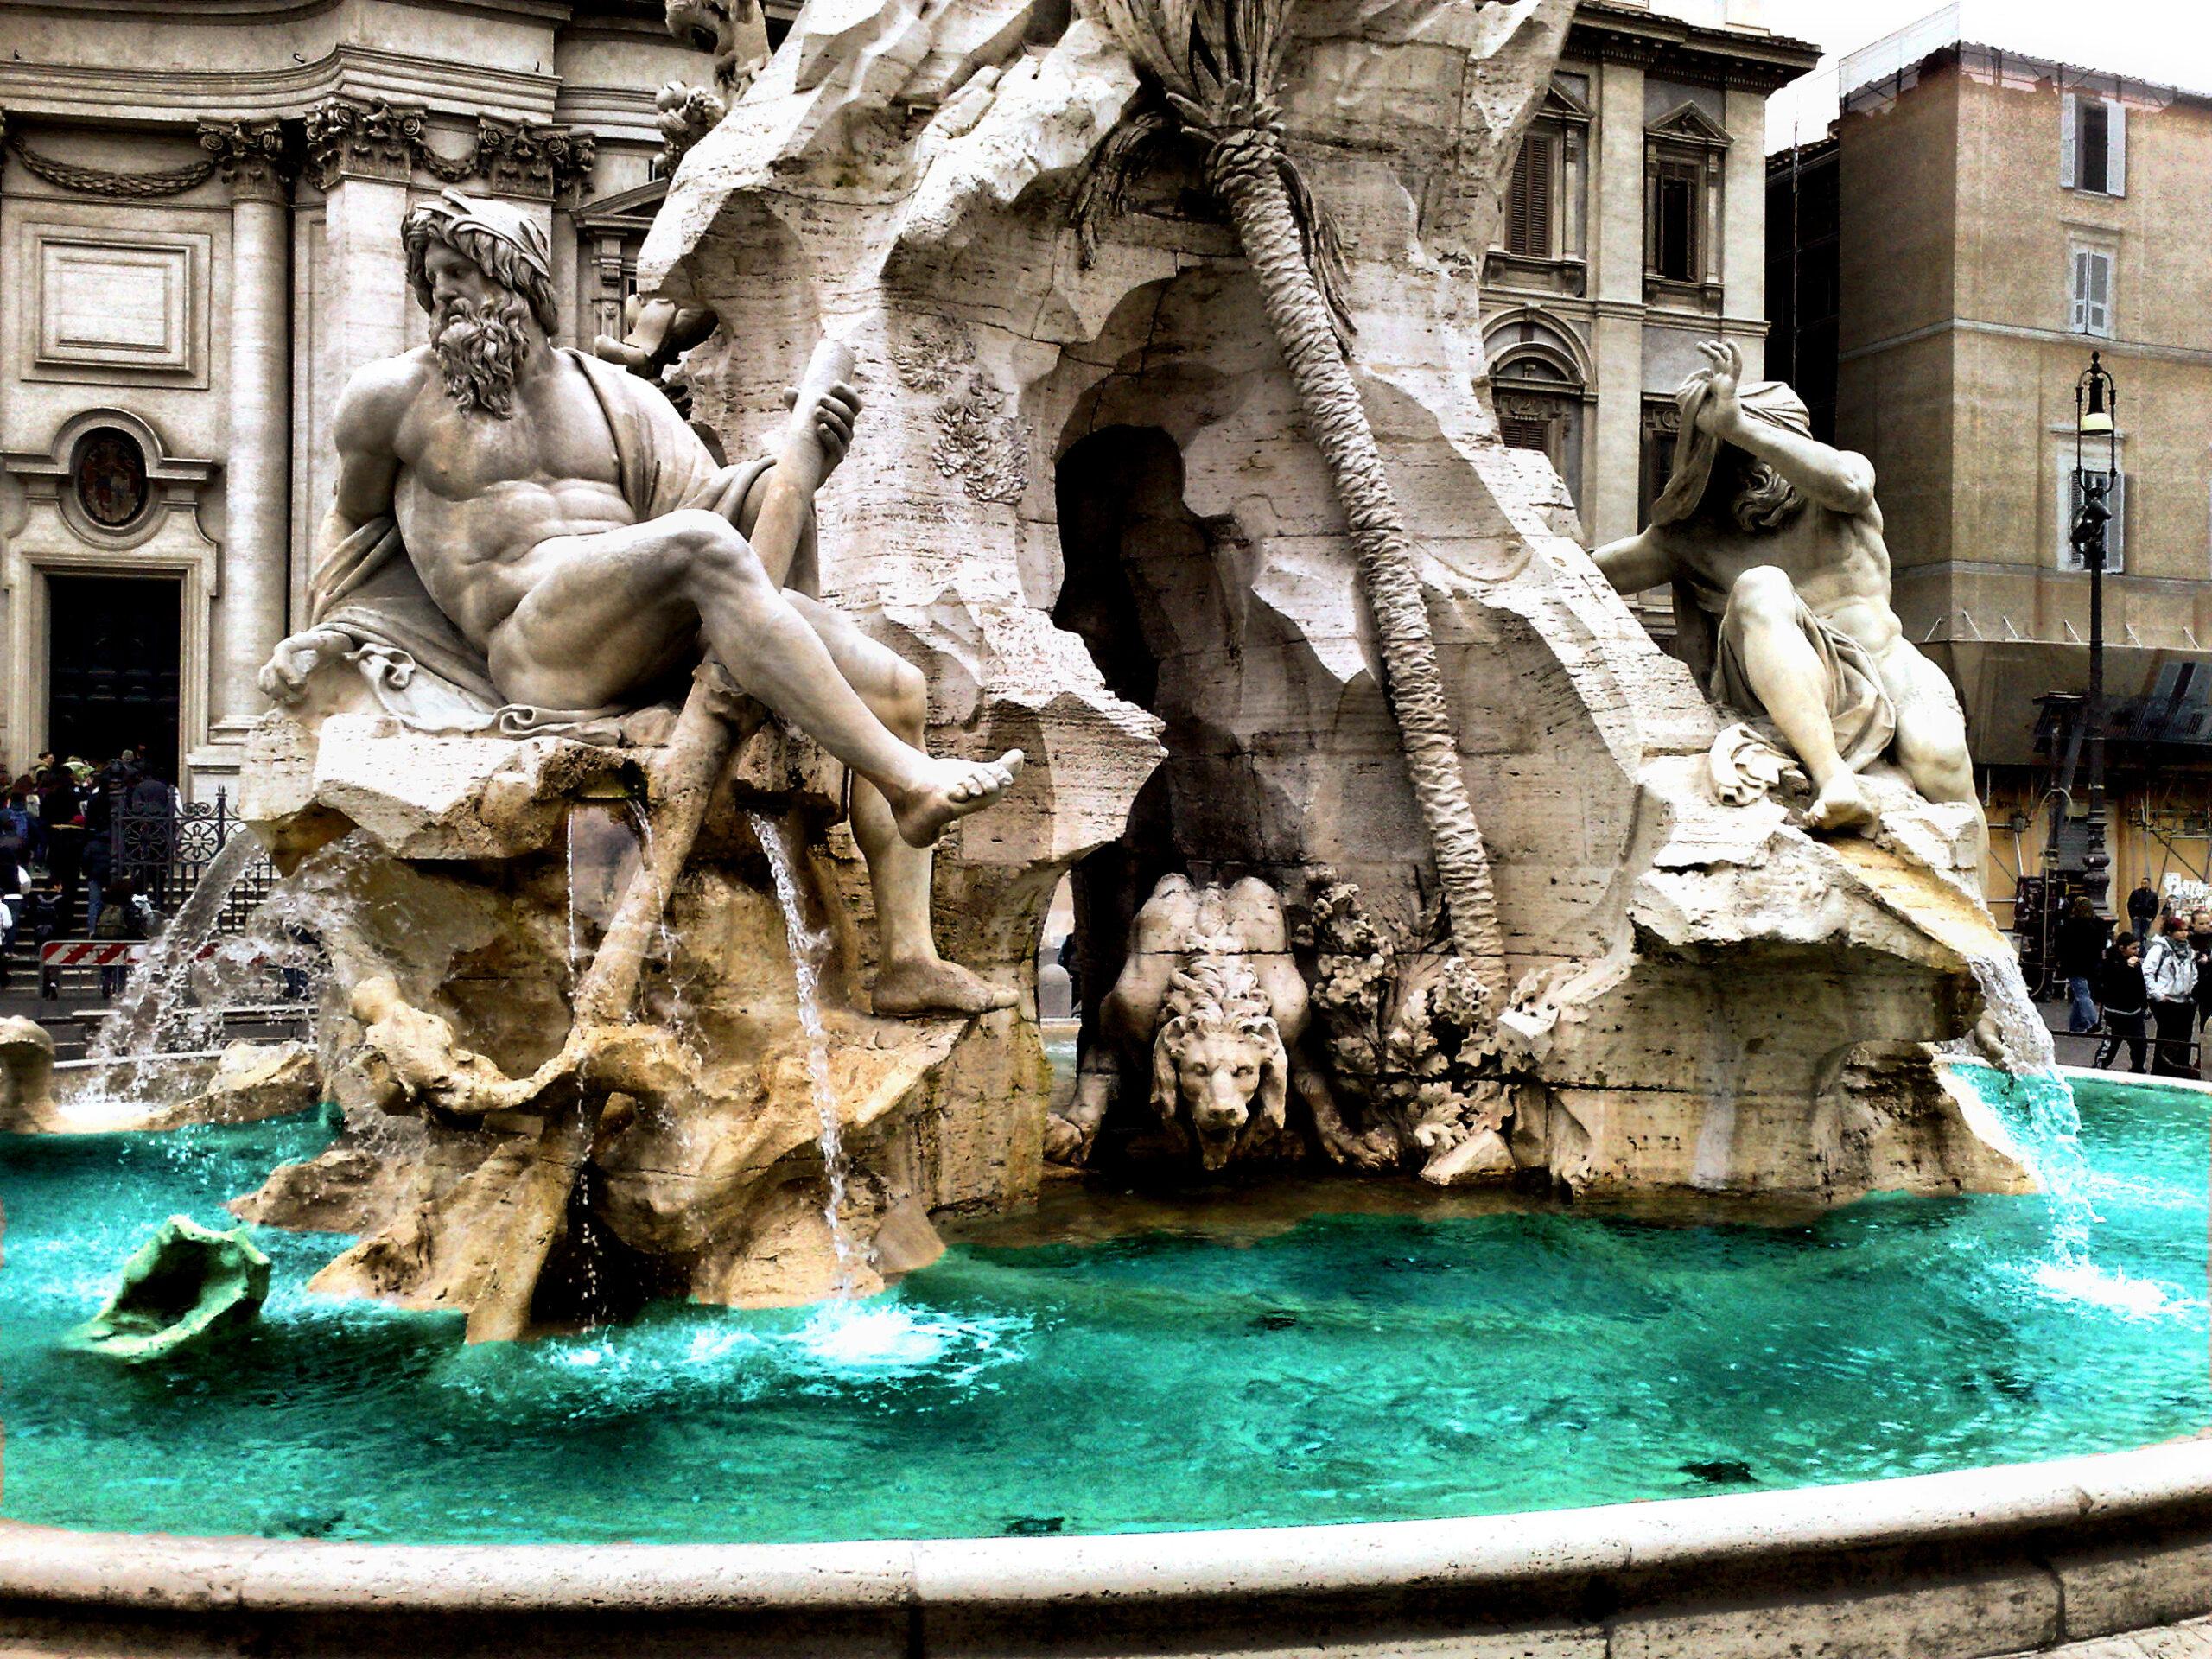 Piazza Navona - Rome private guide